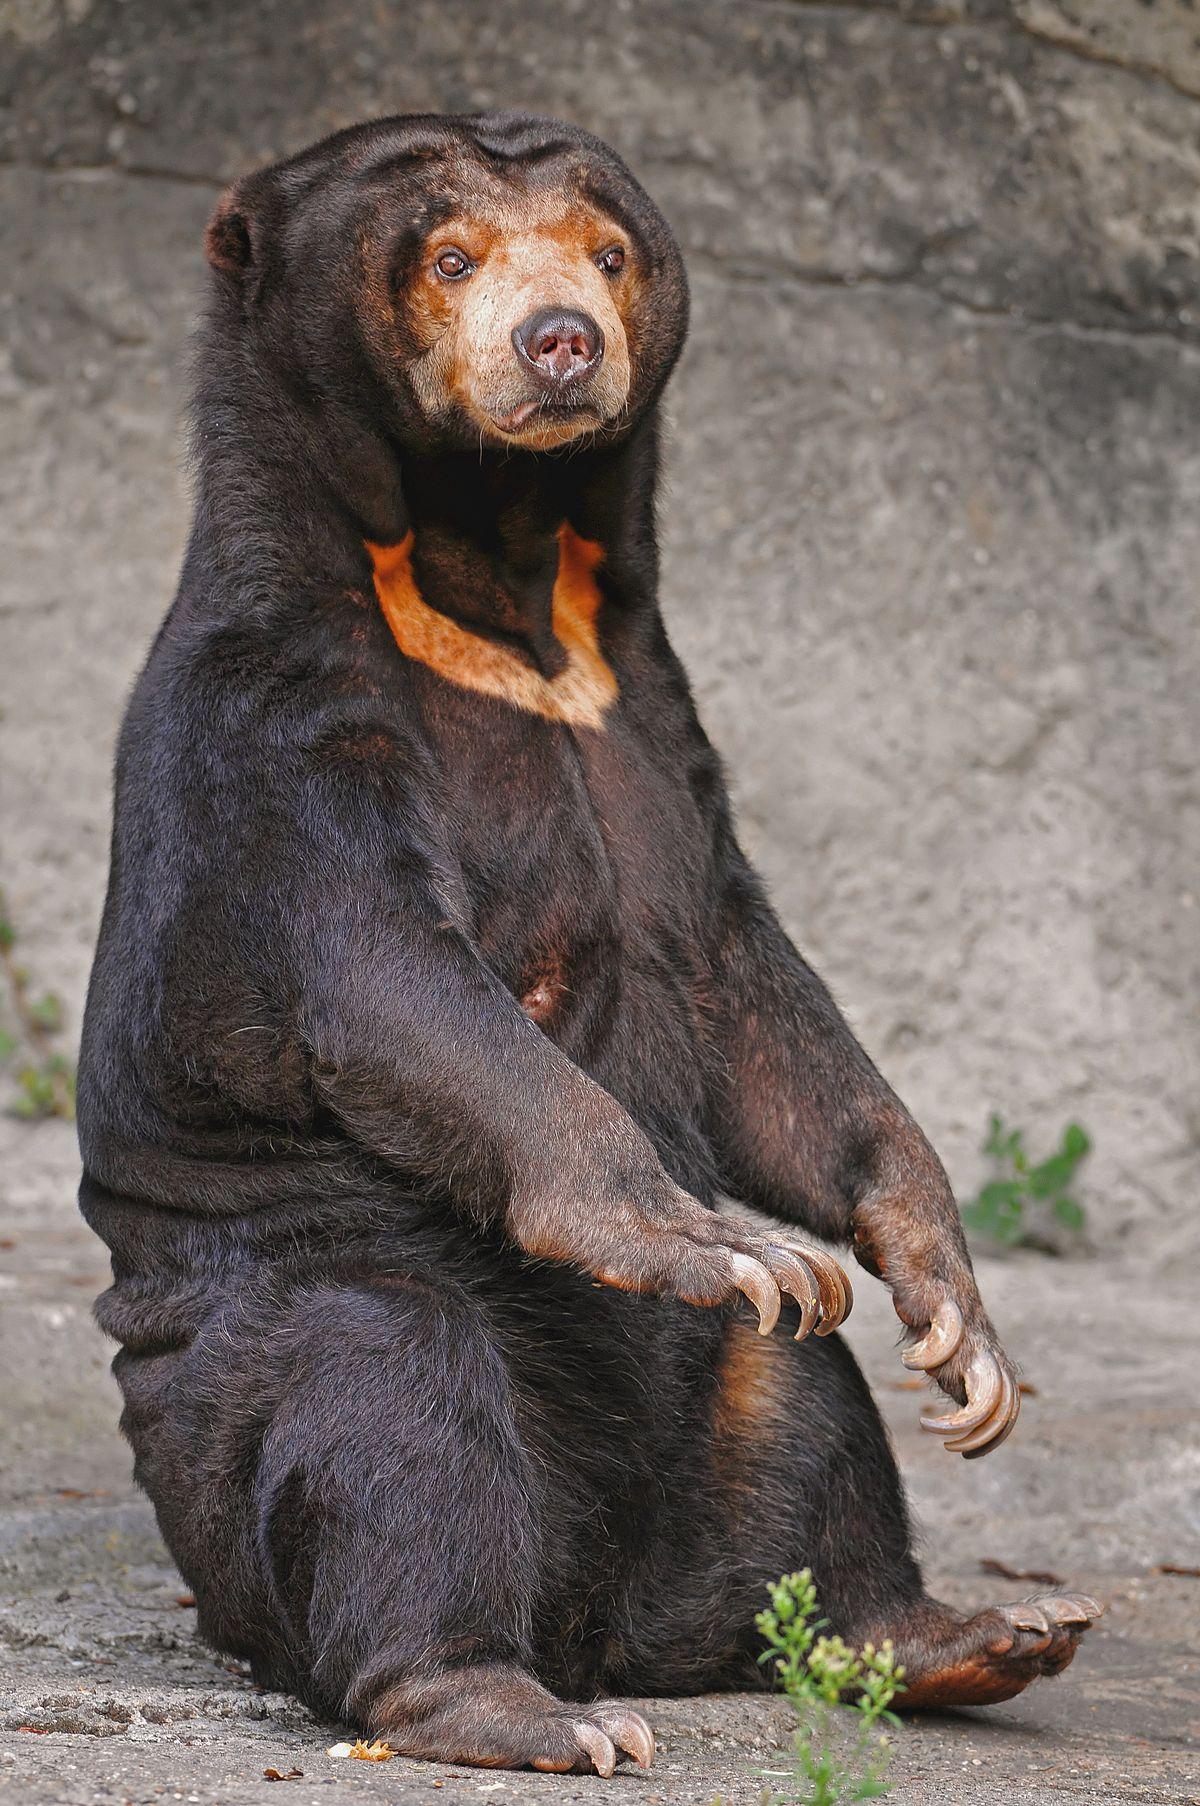 Sun bear photo